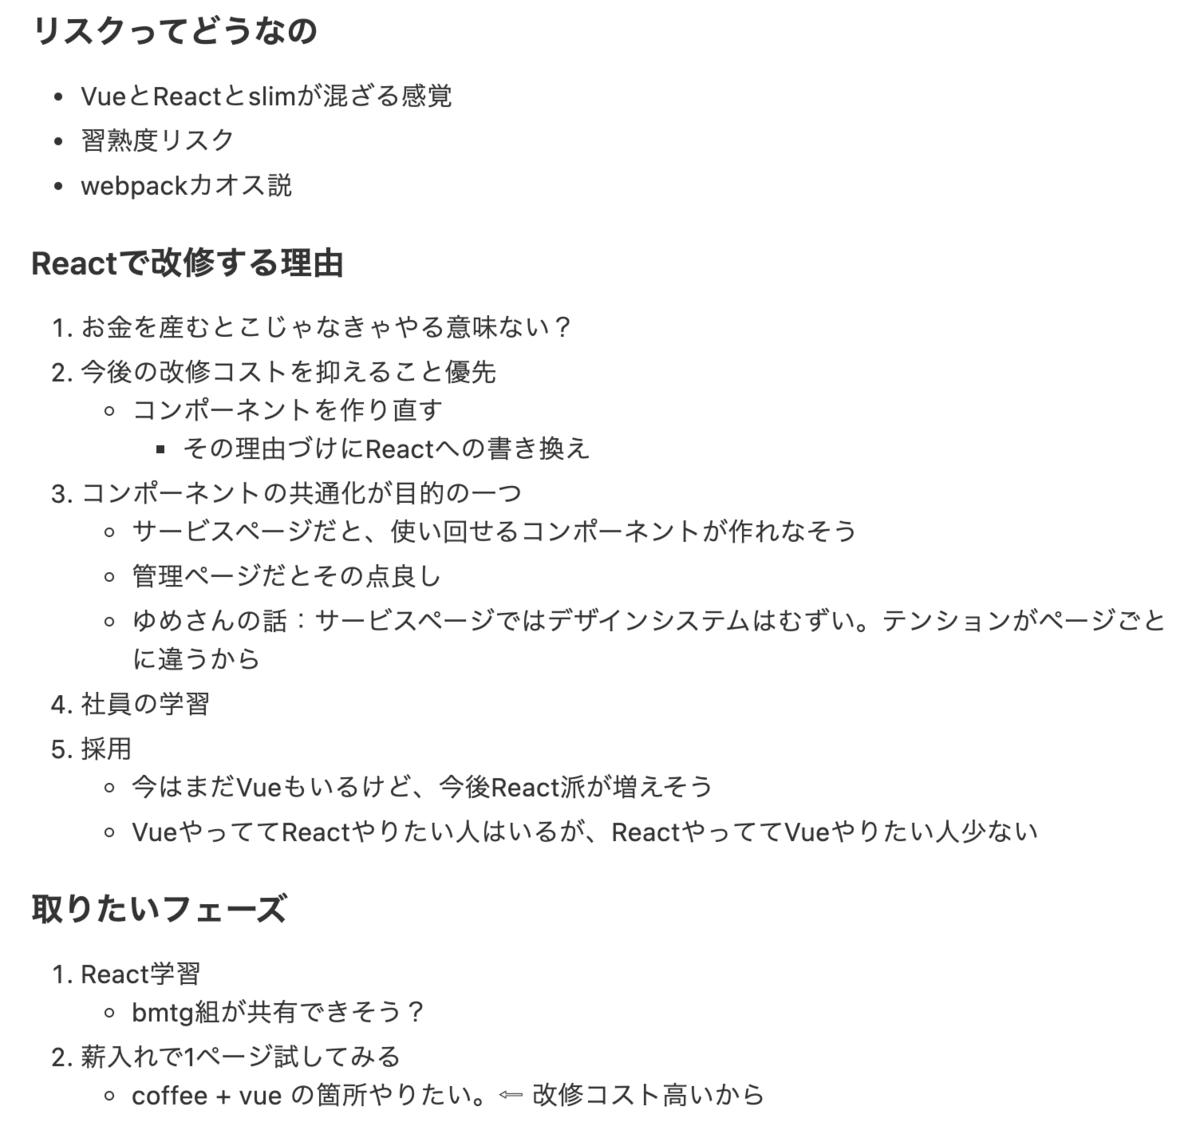 f:id:yoshinaga-iwnl:20210628144605p:plain